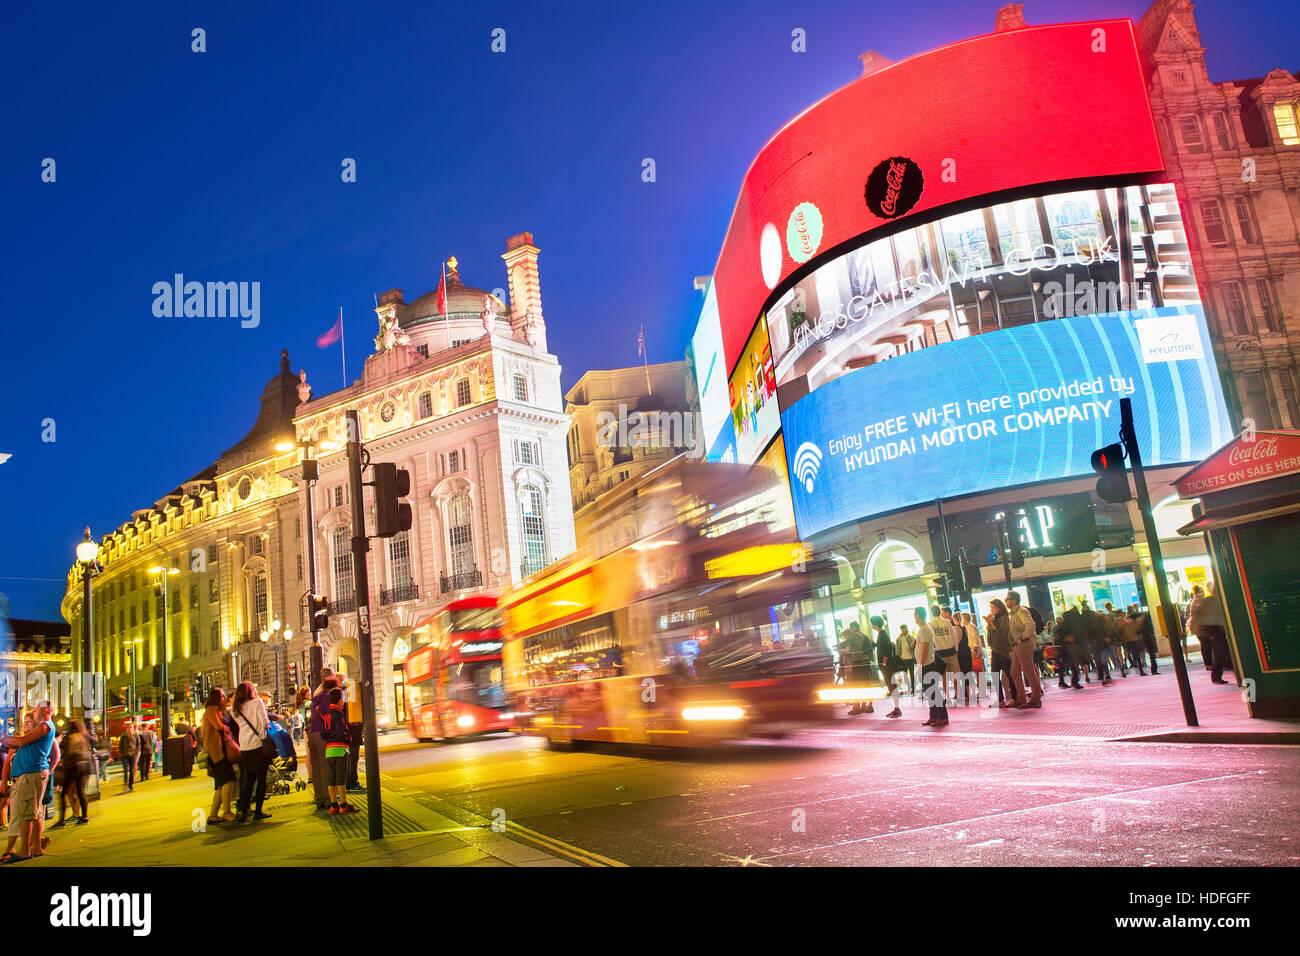 Londres - Piccadilly Circus junction abarrotados de gente en Londres, Reino Unido. Es un cruce de caminos y espacios públicos de Londres. Foto de stock